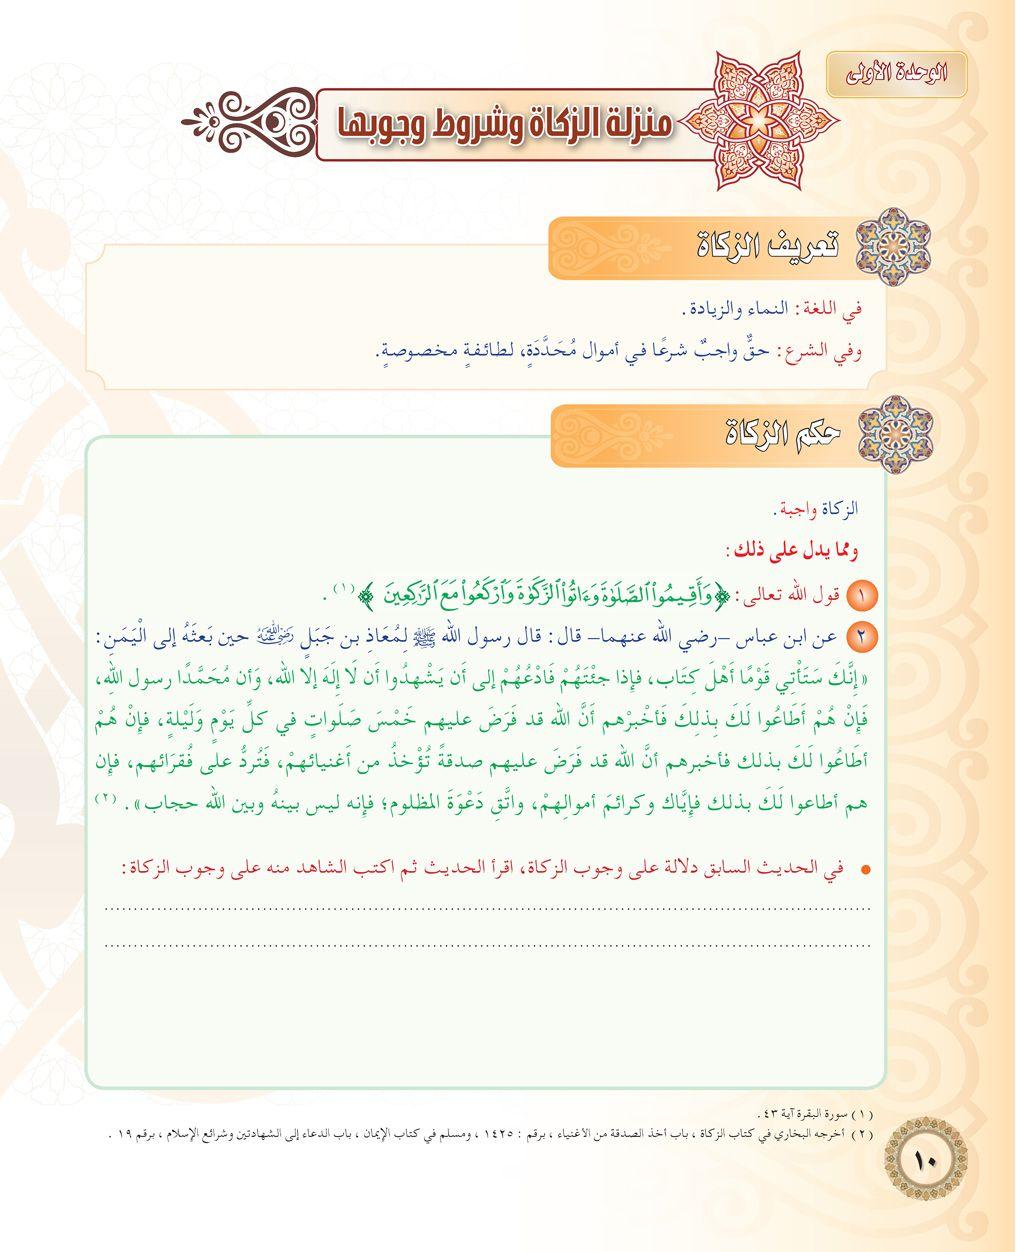 البناء العلمى Topics Student Islam